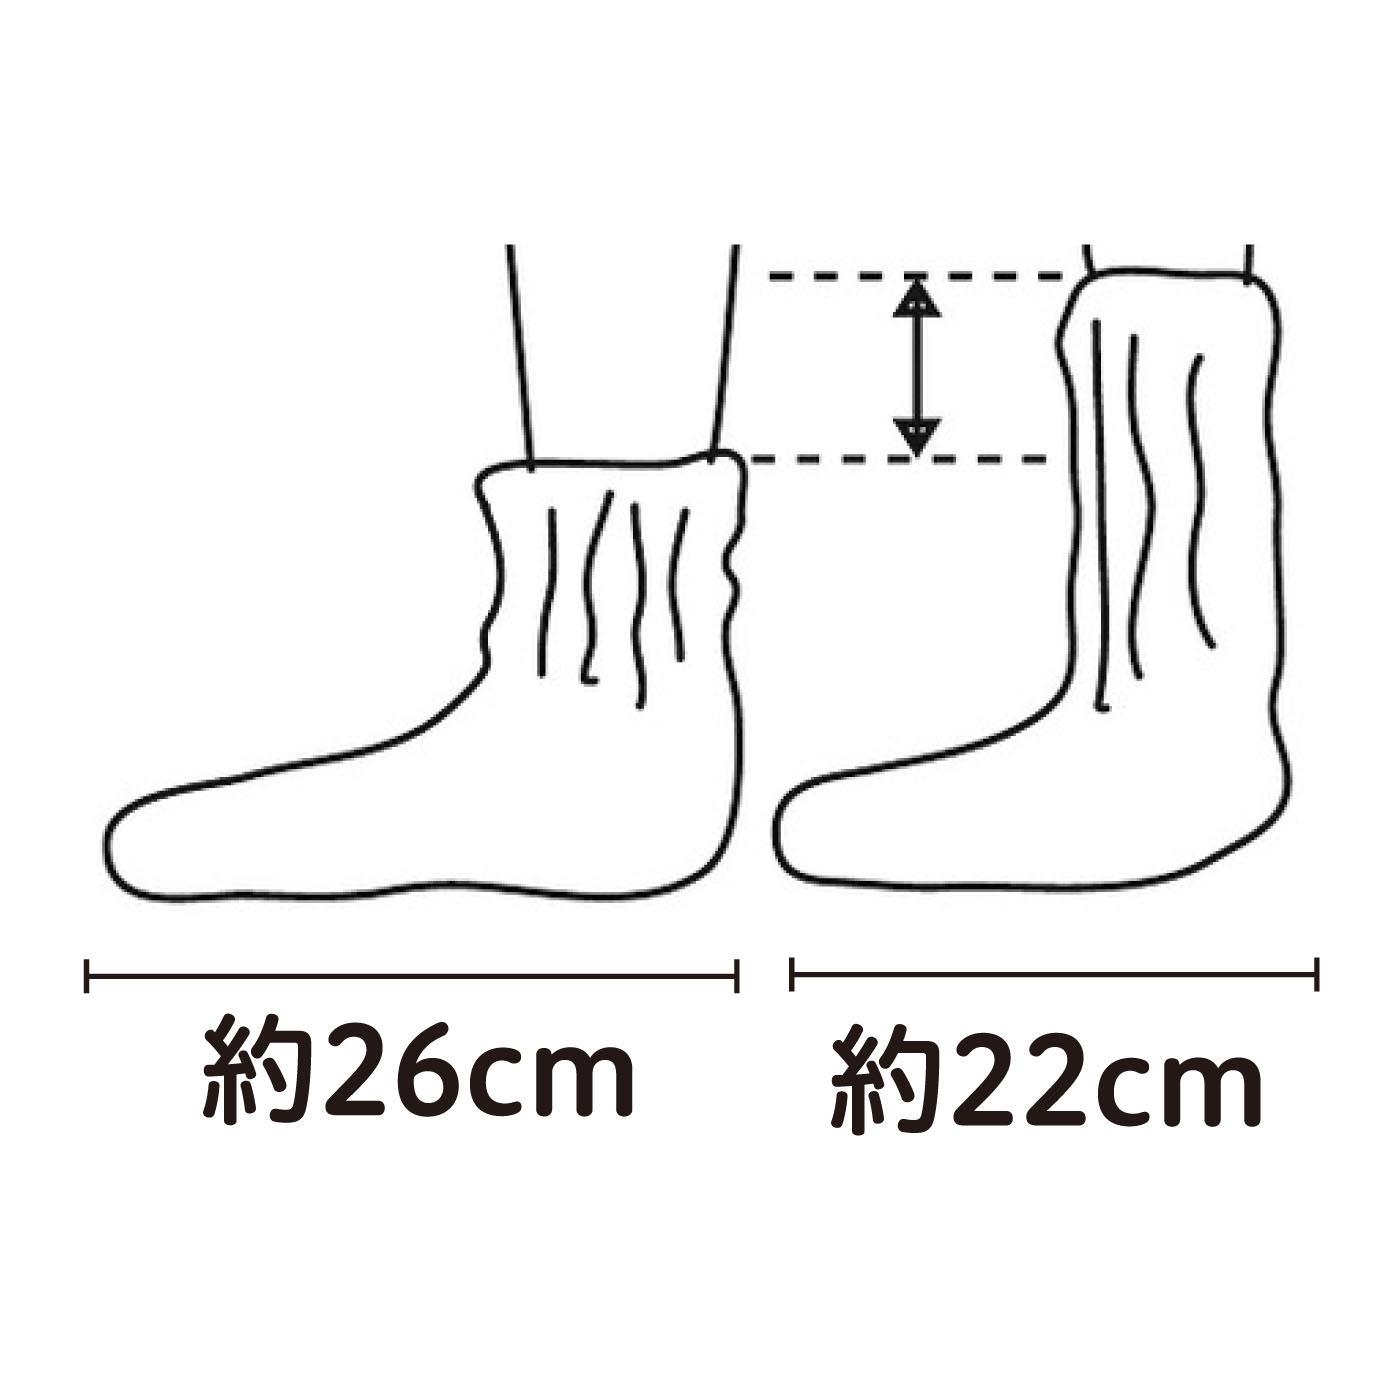 かかとがない作りだから、足のサイズや重ねばきの枚数を気にせずにはけます。